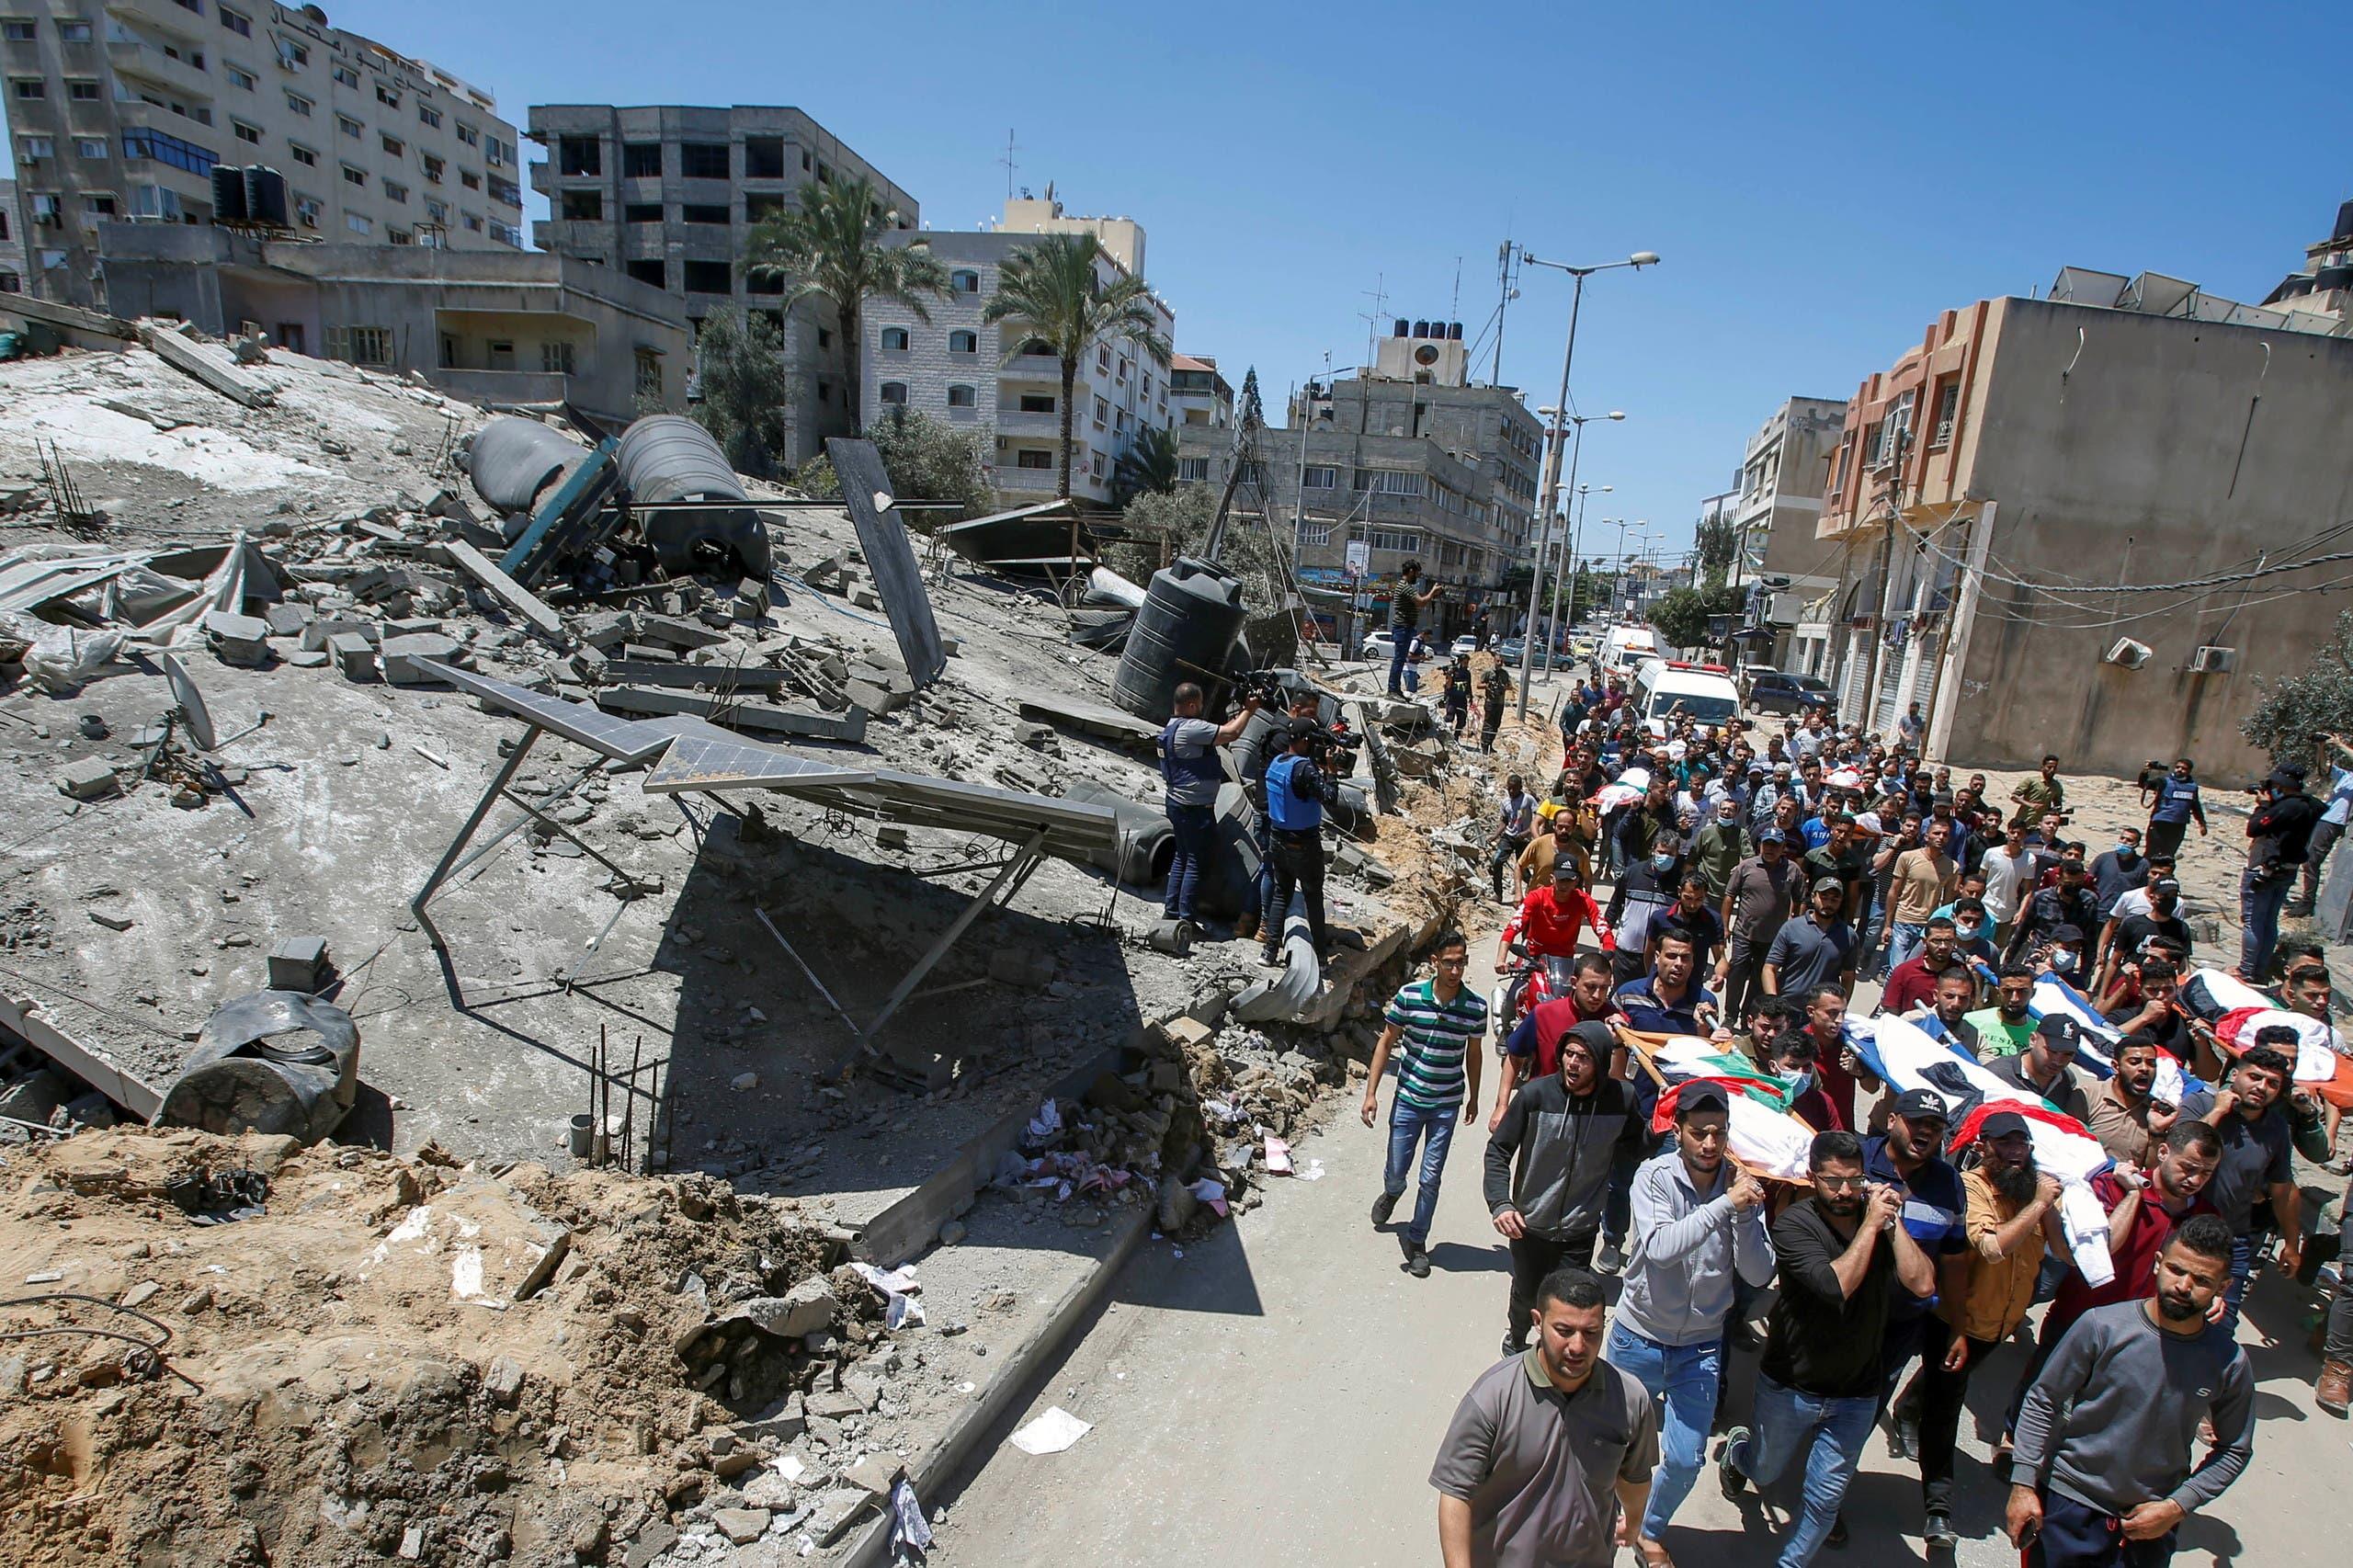 من القصف الإسرائيلي على غزة يوم 15 مايو 2021 (رويترز)